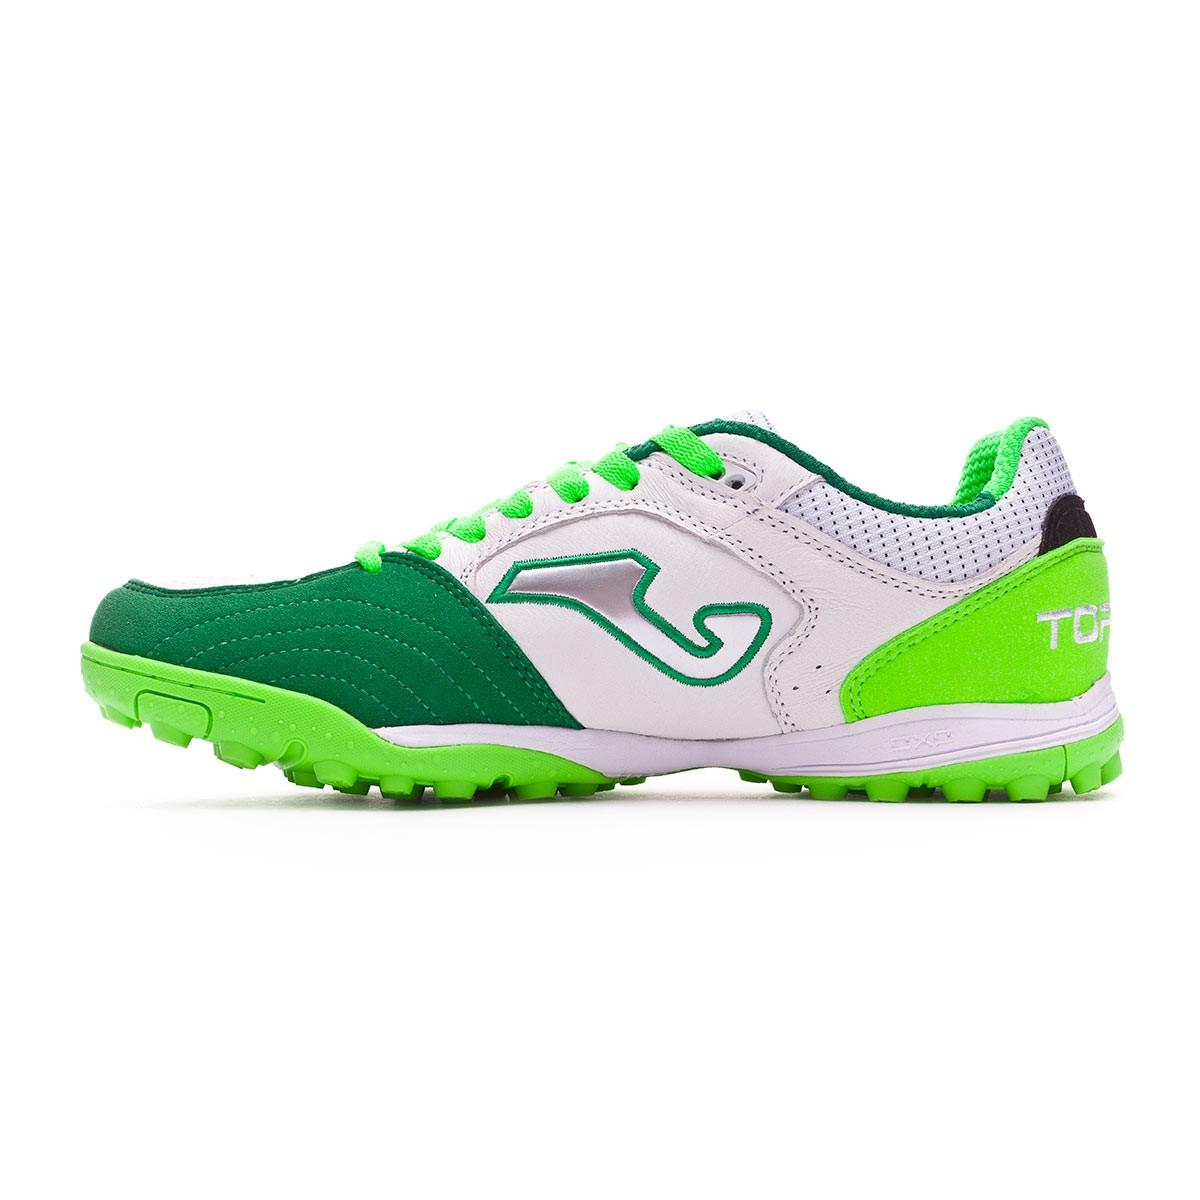 85c55fe631c4b Football shoes Joma Scarpe da Calcio Top Flex 815 Bianco verde ...